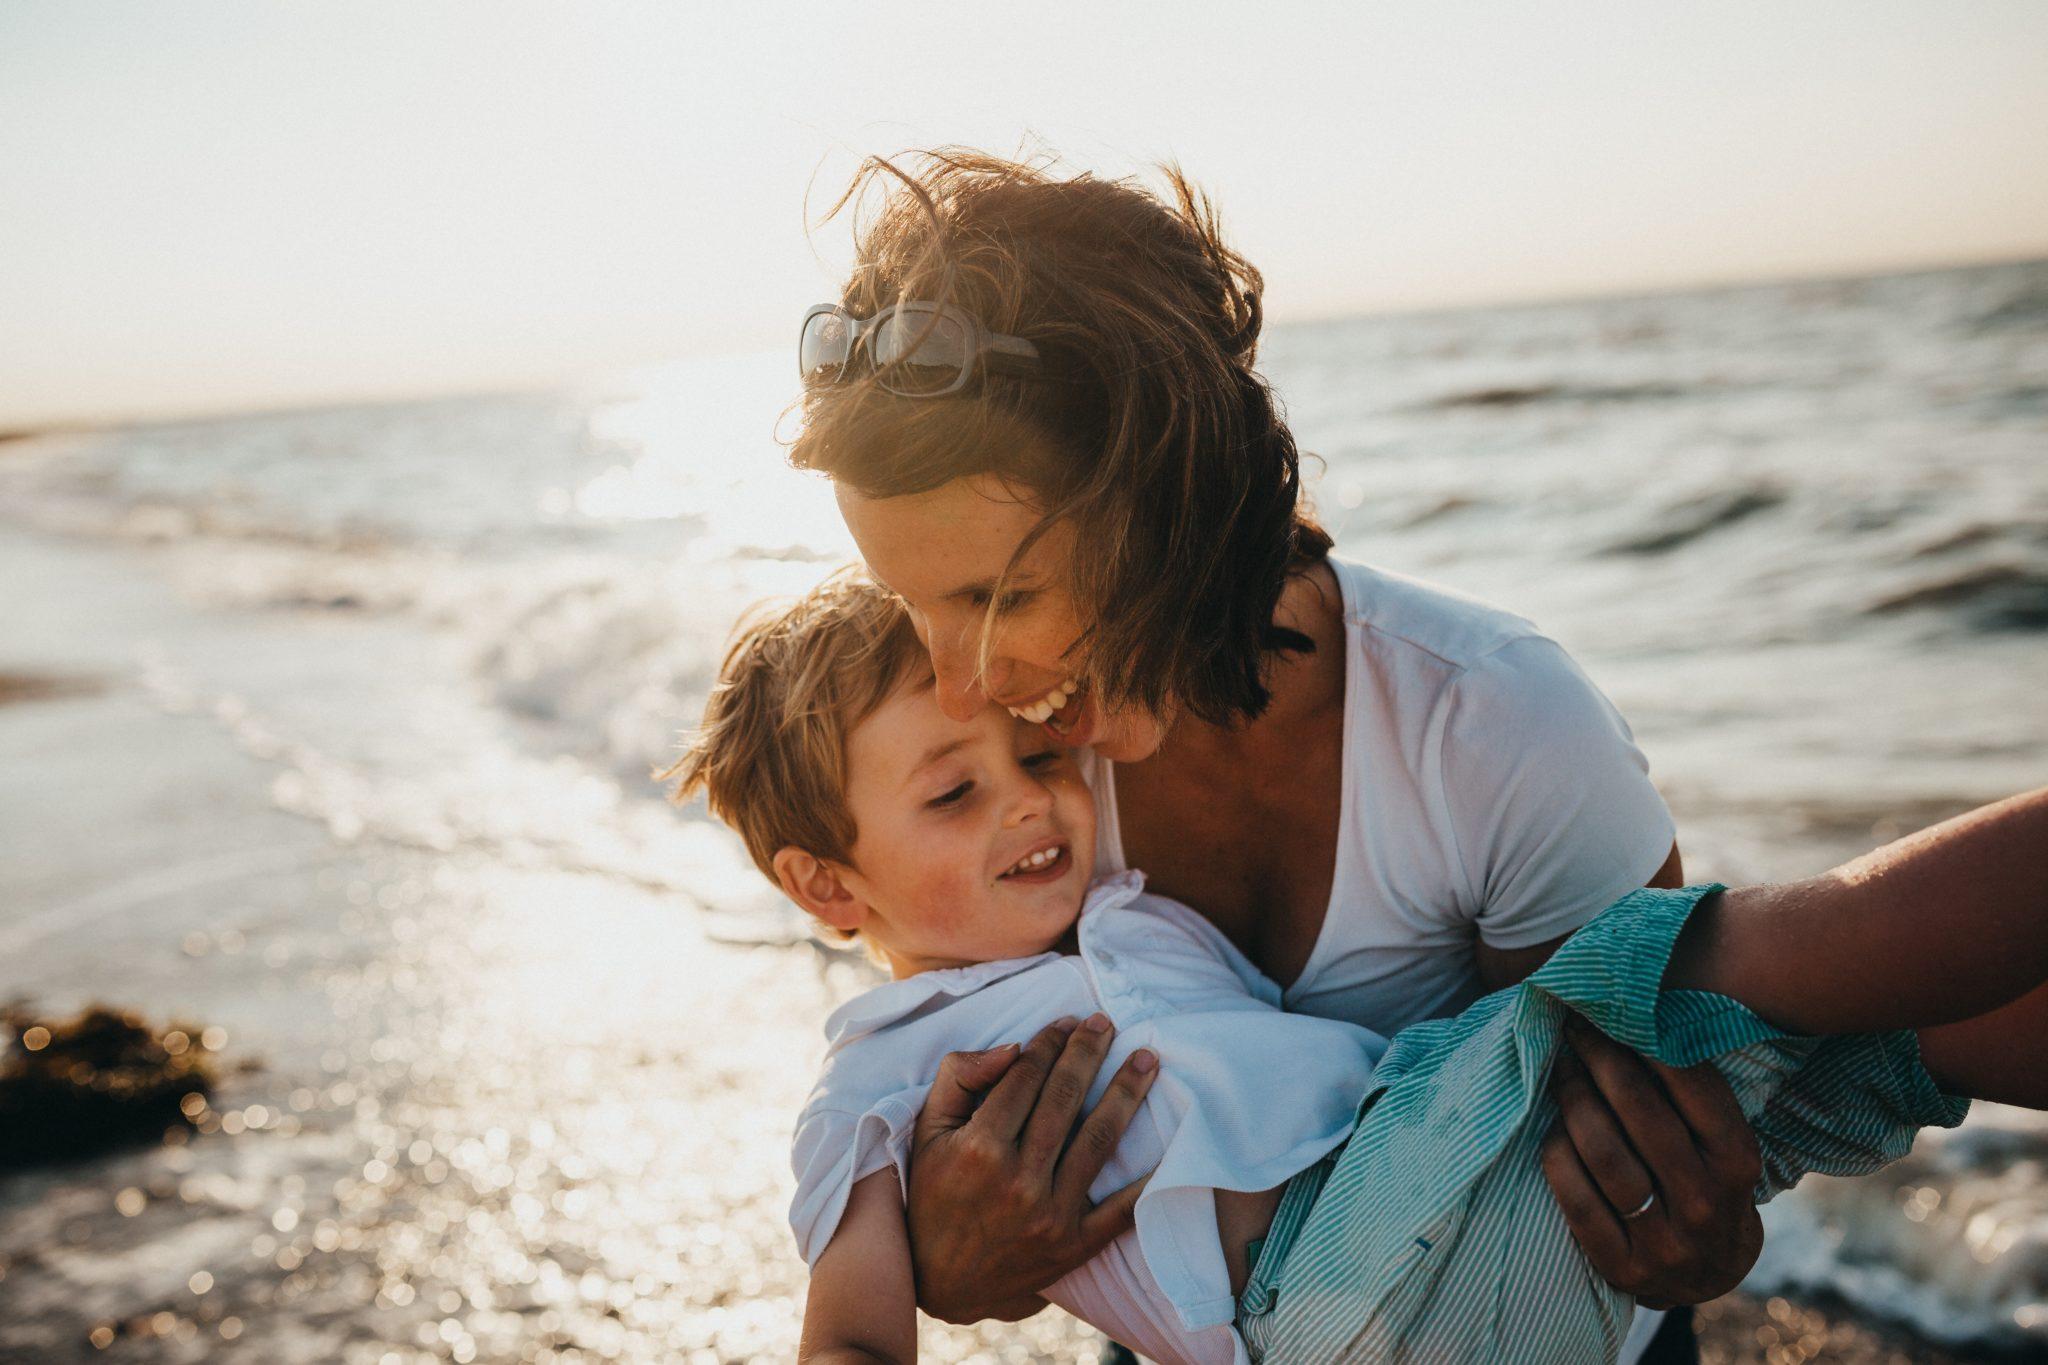 5 Positive Discipline Techniques Every Parent Should Know